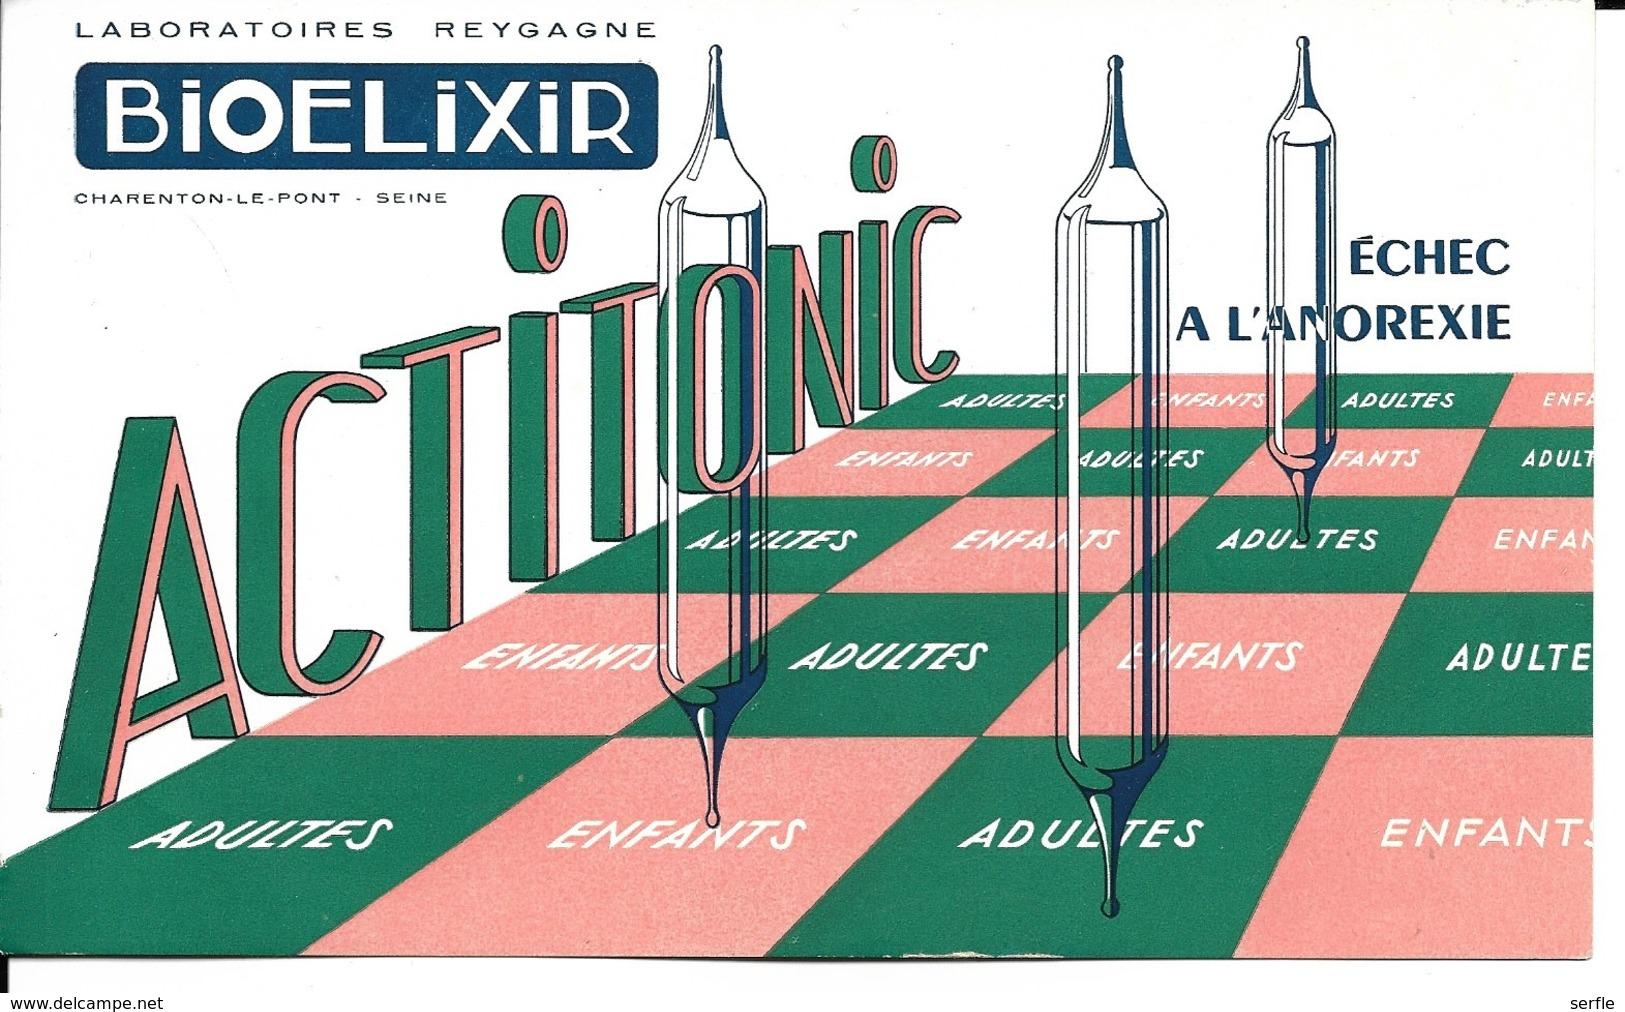 Buvard Publicitaire - Produit Pharmaceutique - Bioelixir (échec à L'anorexie) - Produits Pharmaceutiques